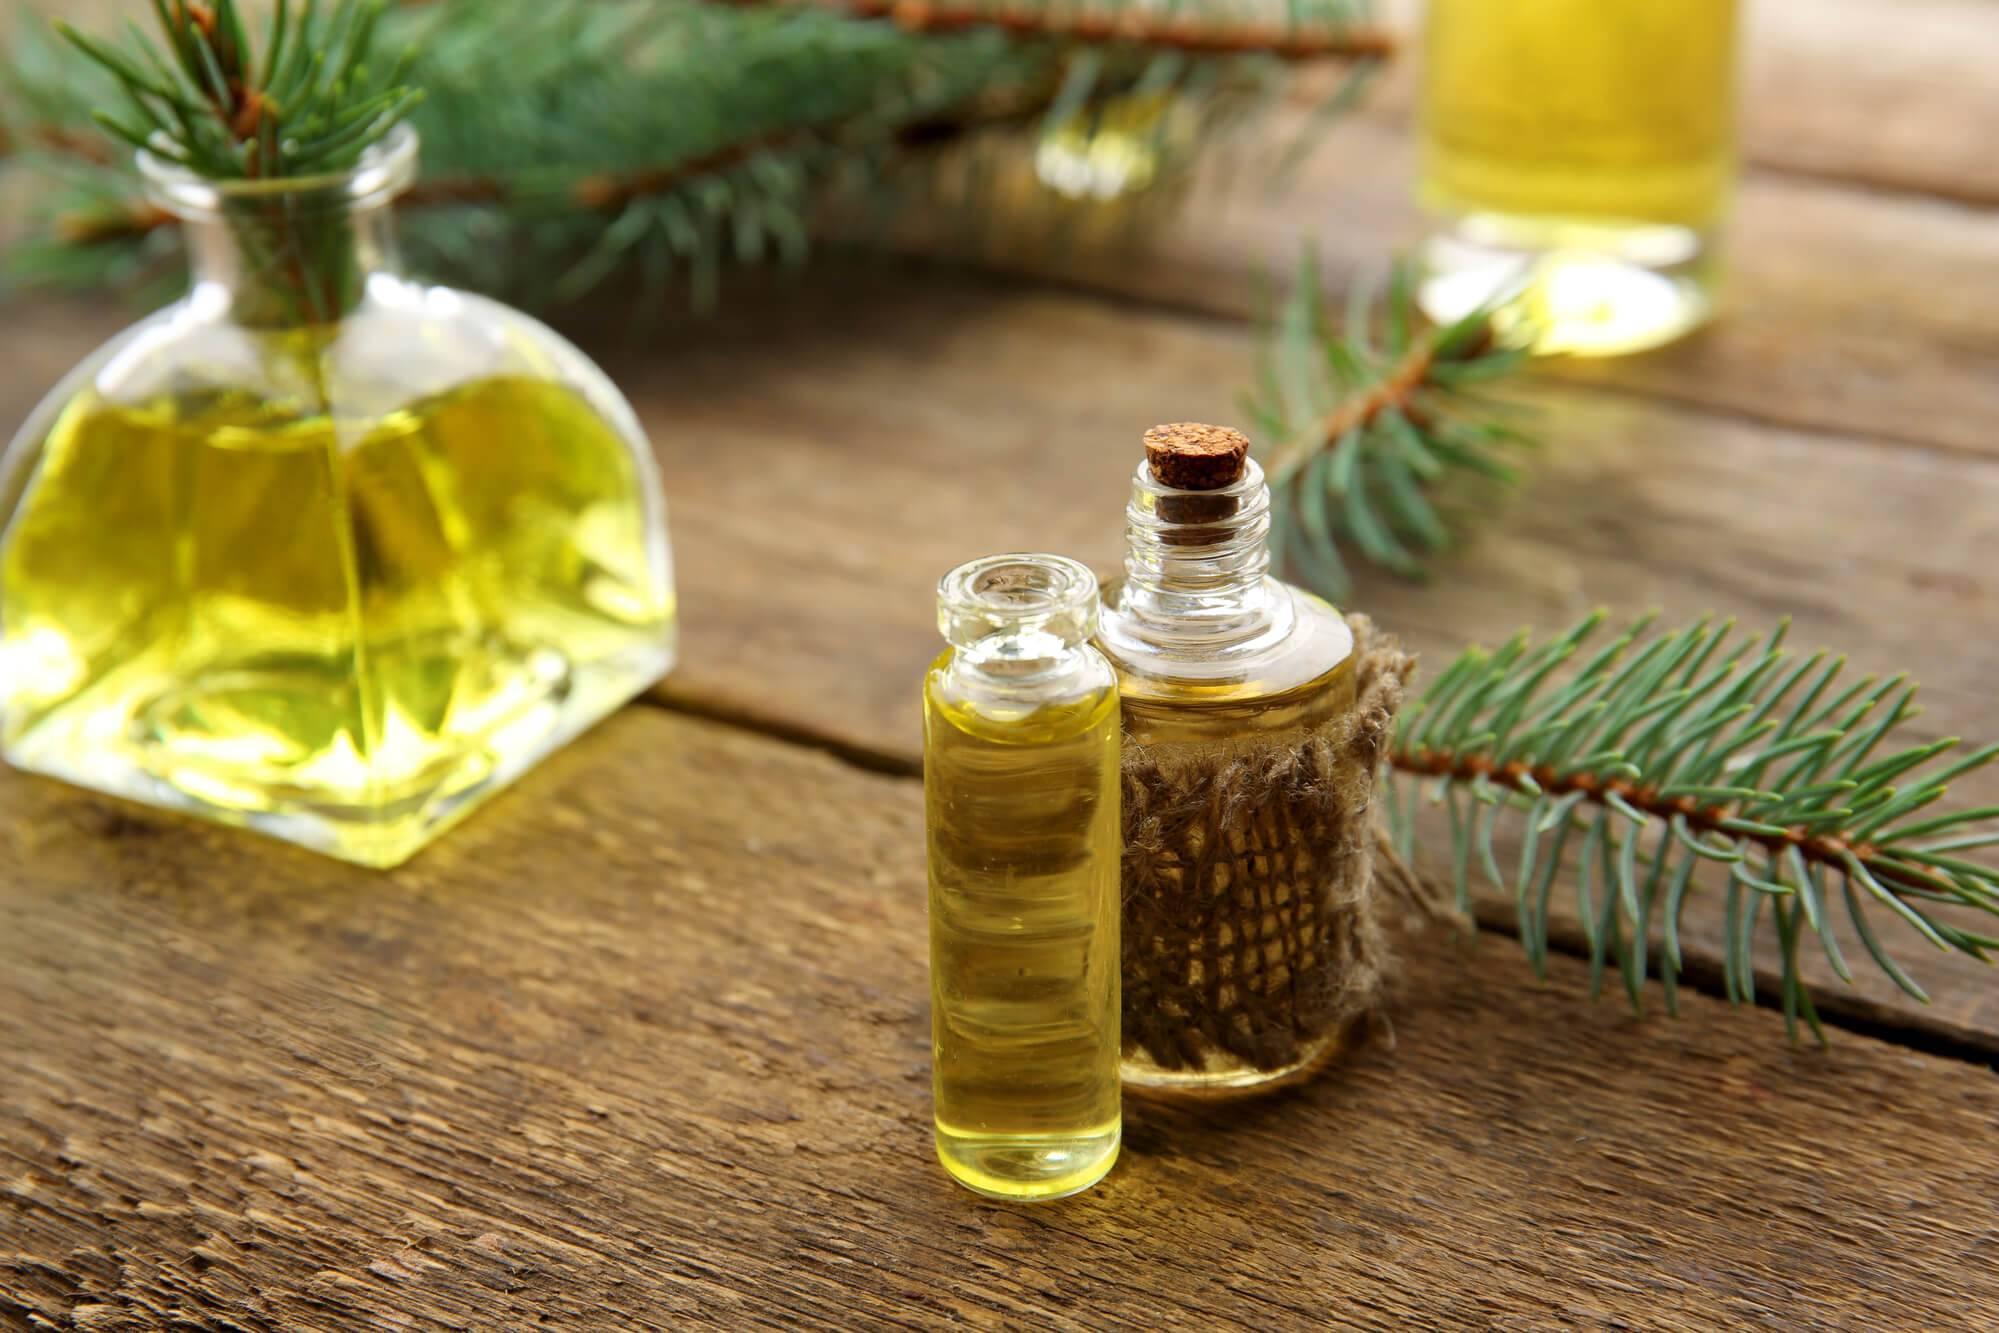 Польза и применение эфирного масла кедра для волос